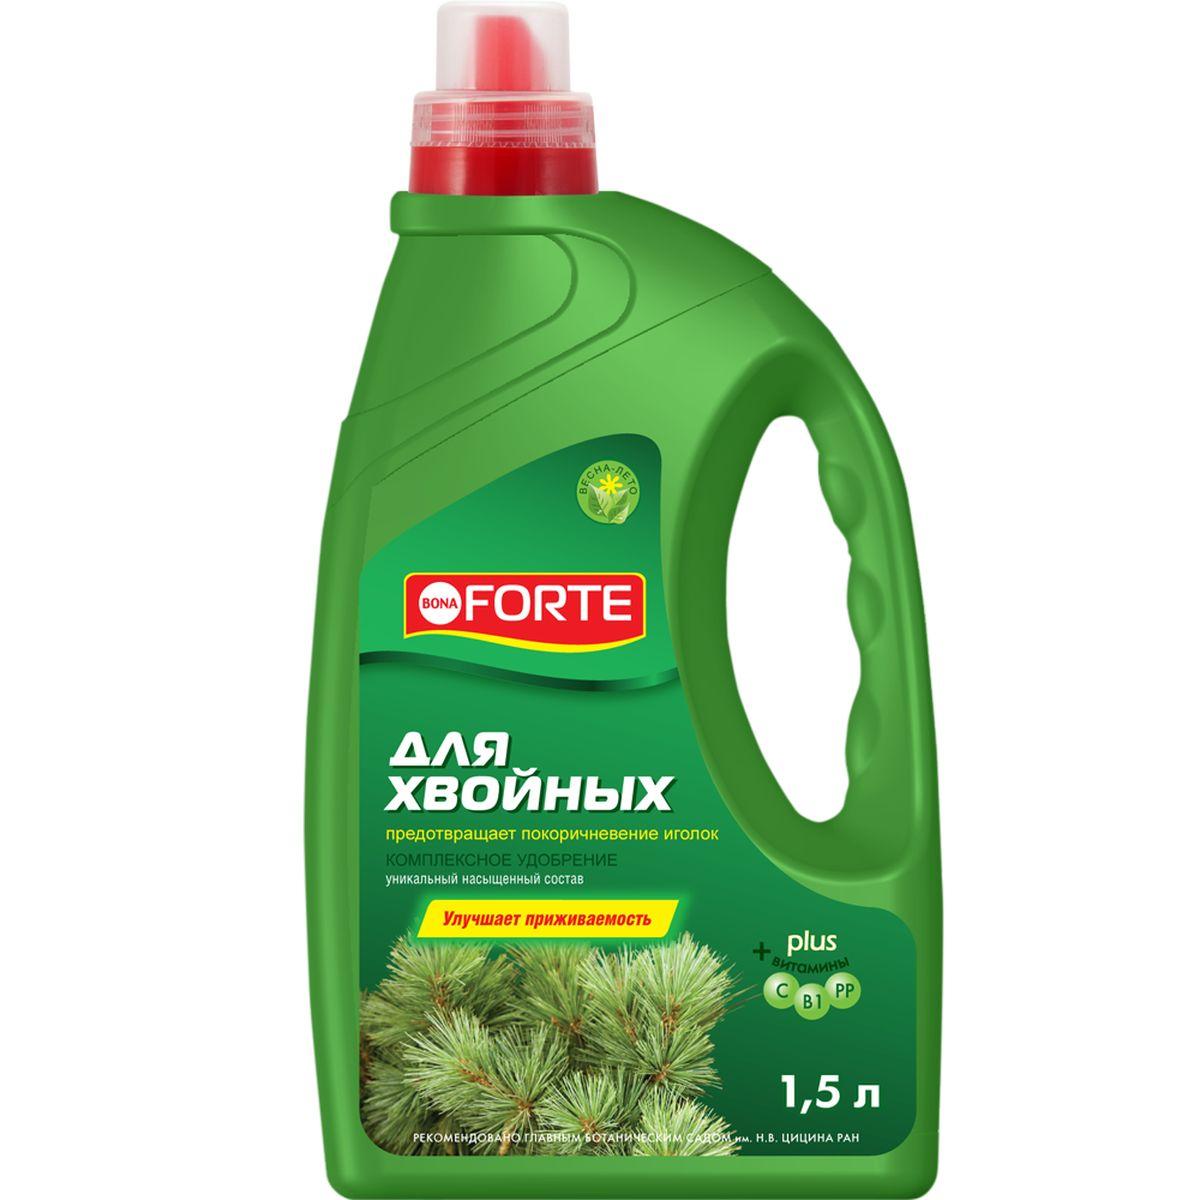 Жидкое комплексное удобрение Bona Forte, для хвойных растений, 1,5 лBF 21-04-010-1Концентрированное удобрение рекомендуется как основное питание растений, предотвращает потемнение хвои. Содержит полный комплекс веществ, необходимых для полноценного питания растений: высокая доля (9 %) основных элементов (NPK), обеспечивает сбалансированное питание хвойных растений; высокая доля (0,5 %) мезоэлемента (Mg), делает ярко-зеленый и сочный цвет иголок, а также повышает устойчивость к неблагоприятным внешним условиям; комплекс основных микроэлементов в хелатной форме, способствует полному их усвоению и пролонгированному действию; комплекс витаминов для поддержания и укрепления иммунной системы хвойных растений; регулятор роста для стимулирования роста хвойных растений. Товар сертифицирован.